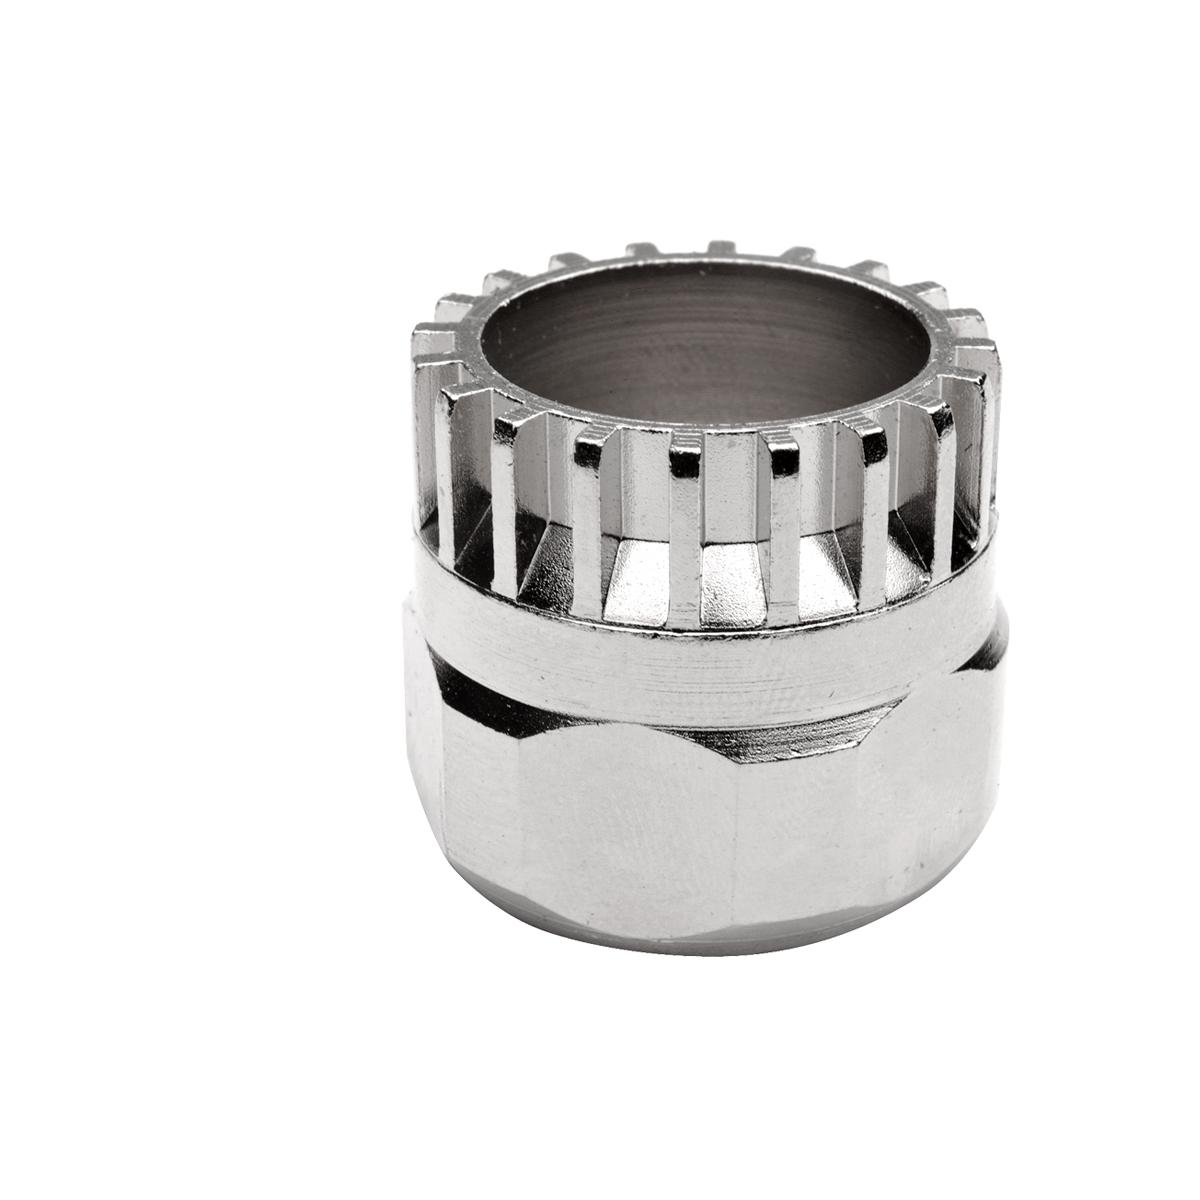 Outil pour boîtier de pédalier Shimano Octalink